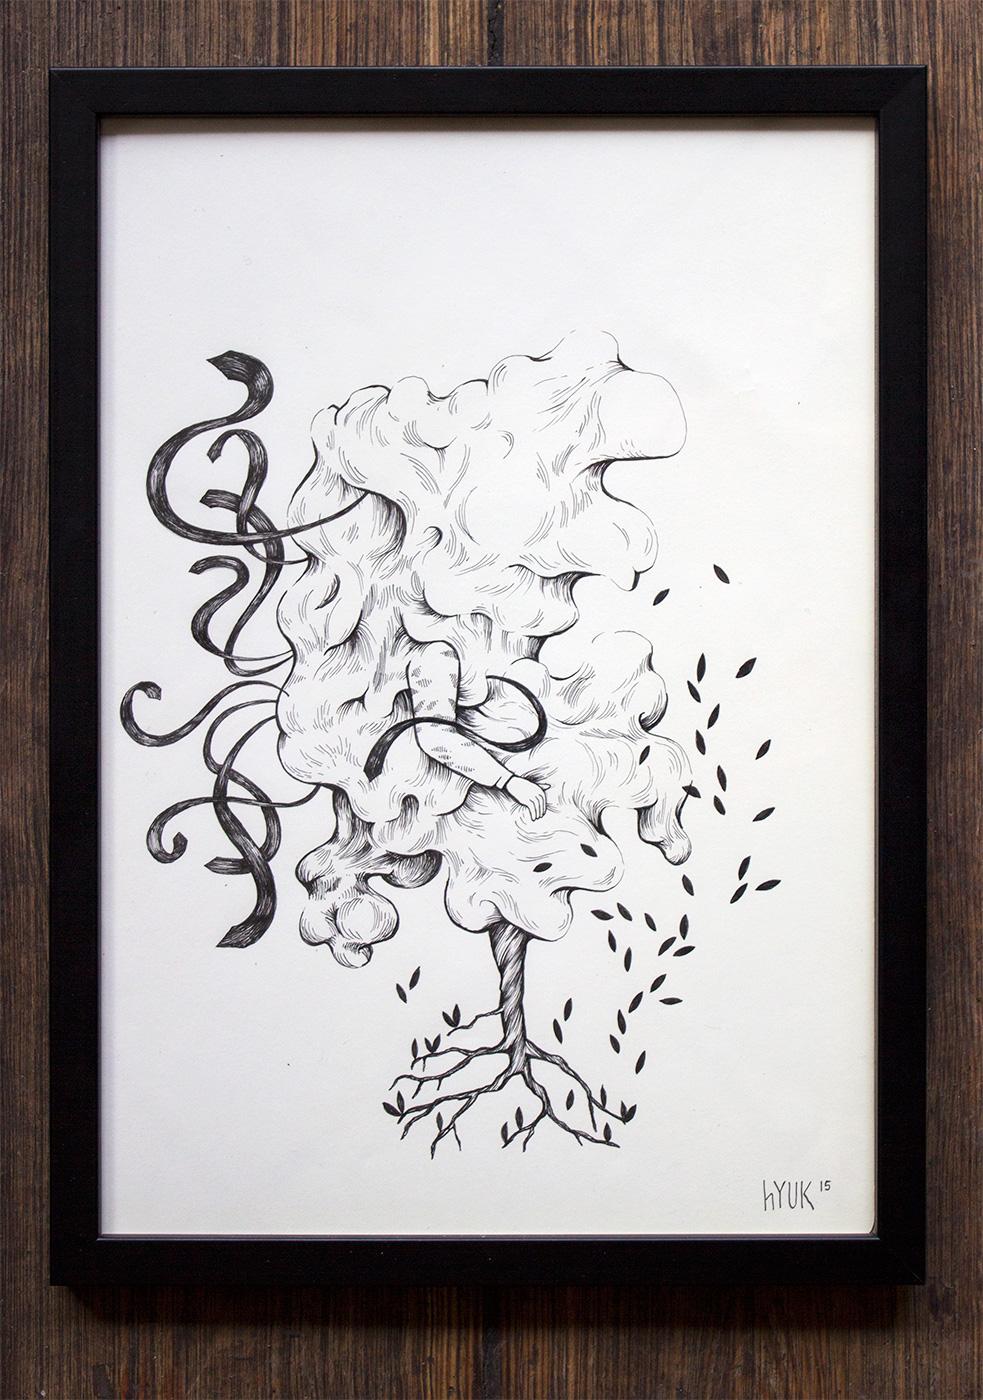 grafiske kunst illustrationer, dygtig dansk illustrator